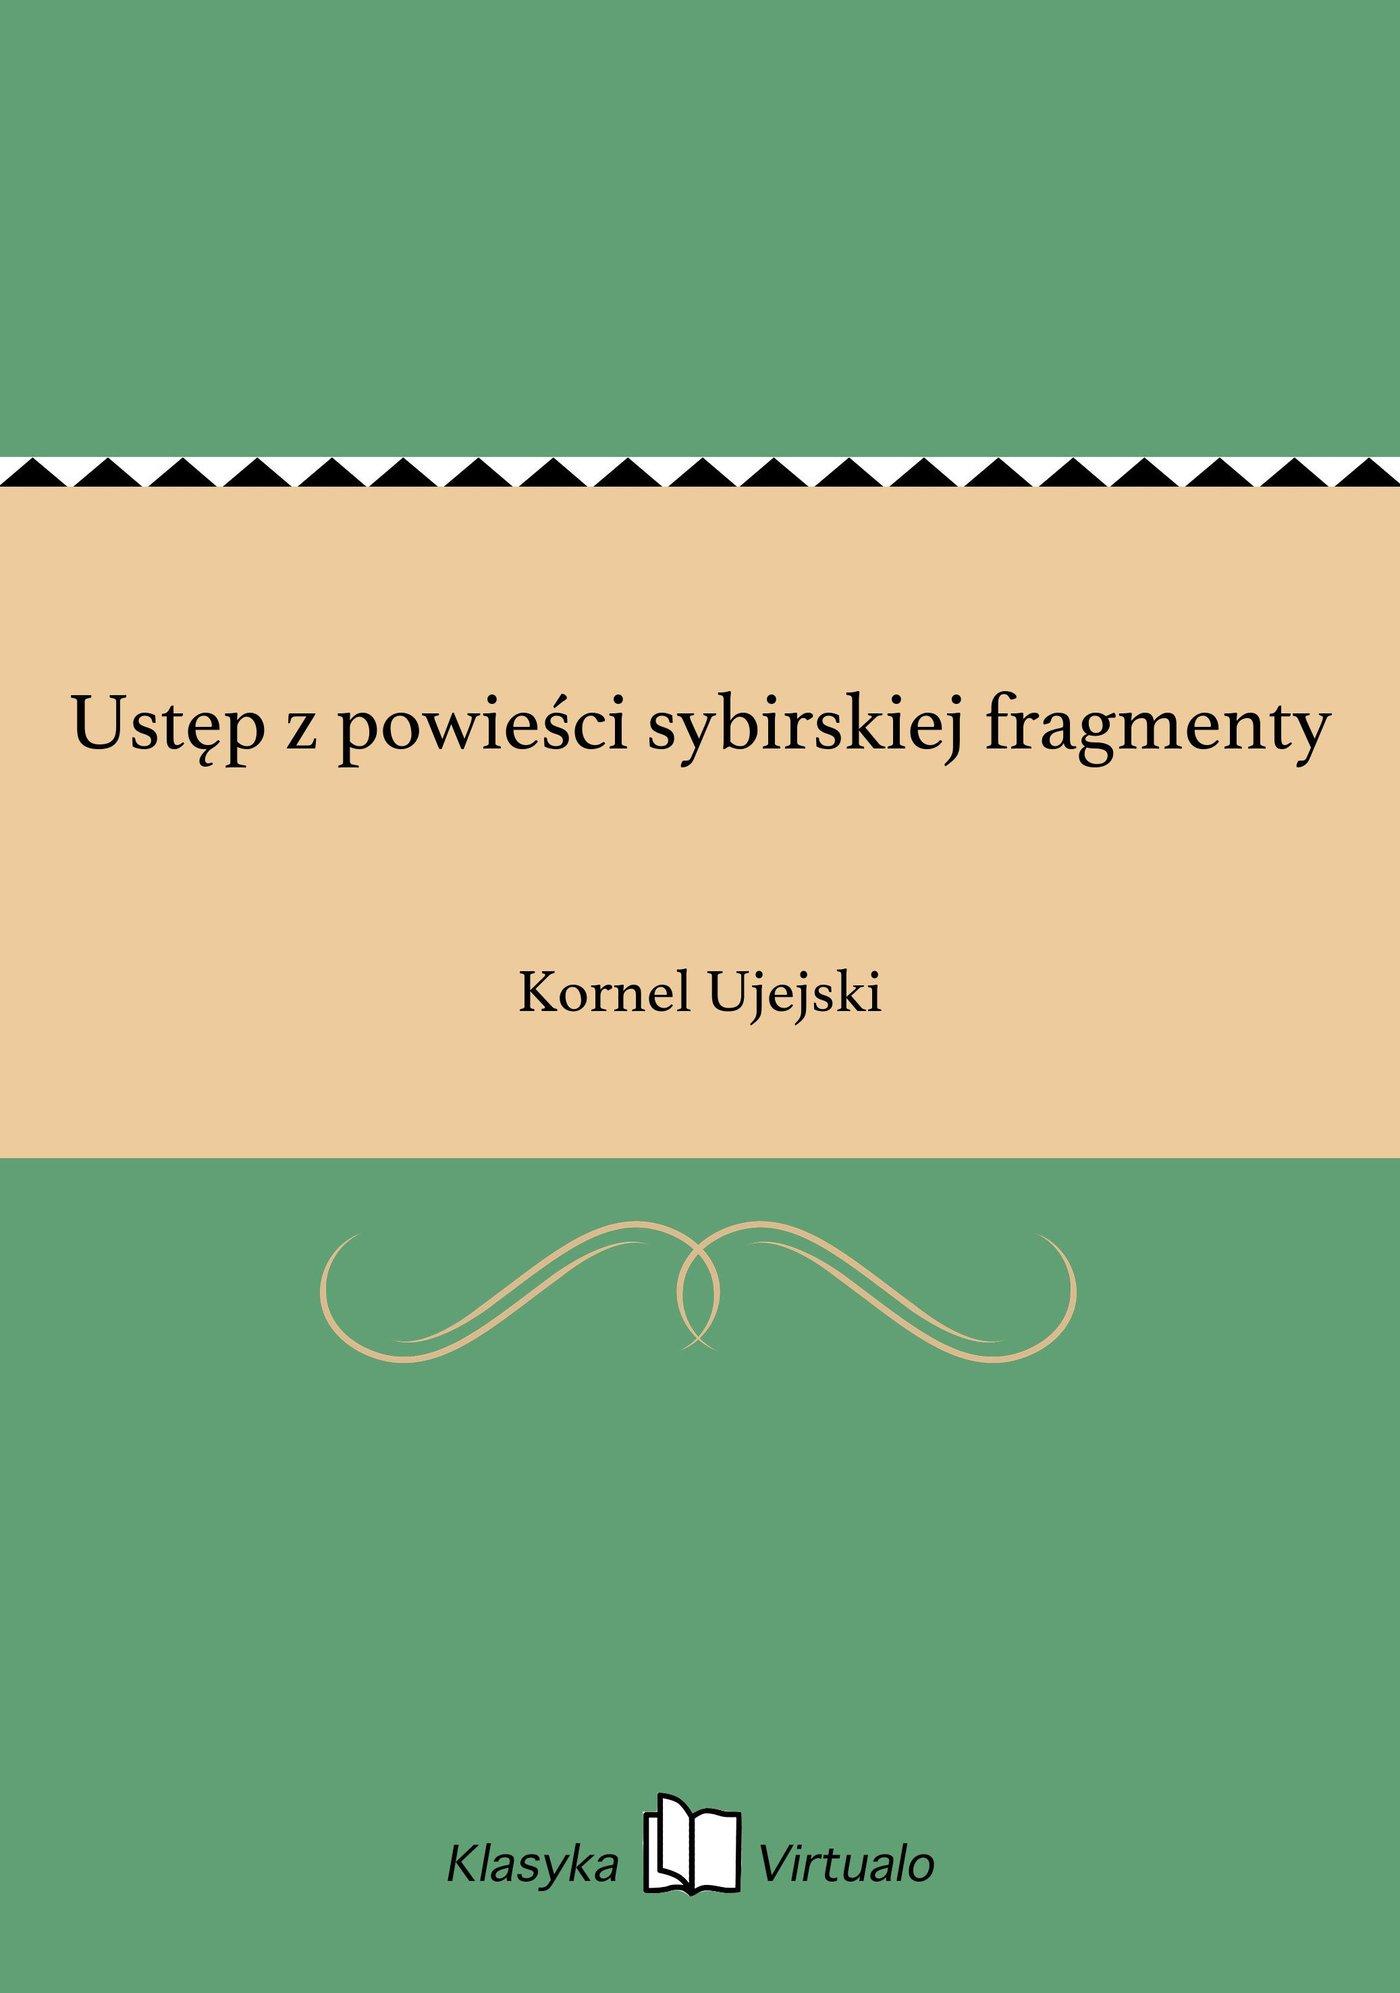 Ustęp z powieści sybirskiej fragmenty - Ebook (Książka EPUB) do pobrania w formacie EPUB